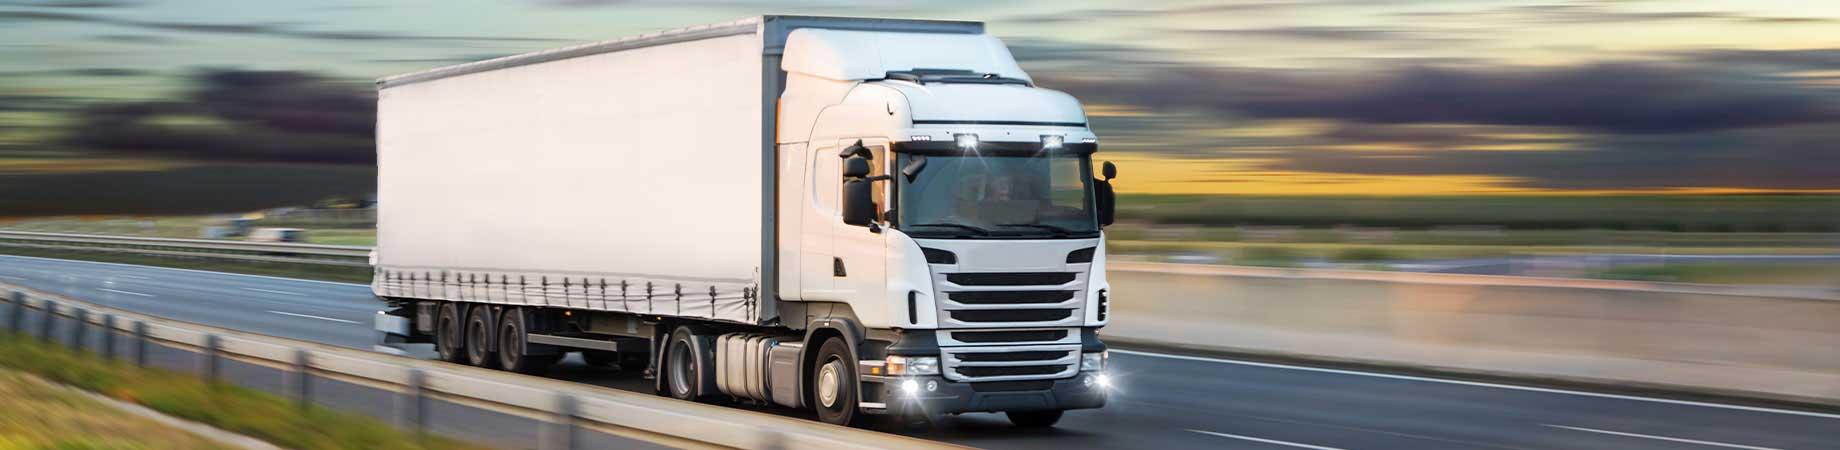 Steroplast: Delivery Information banner image